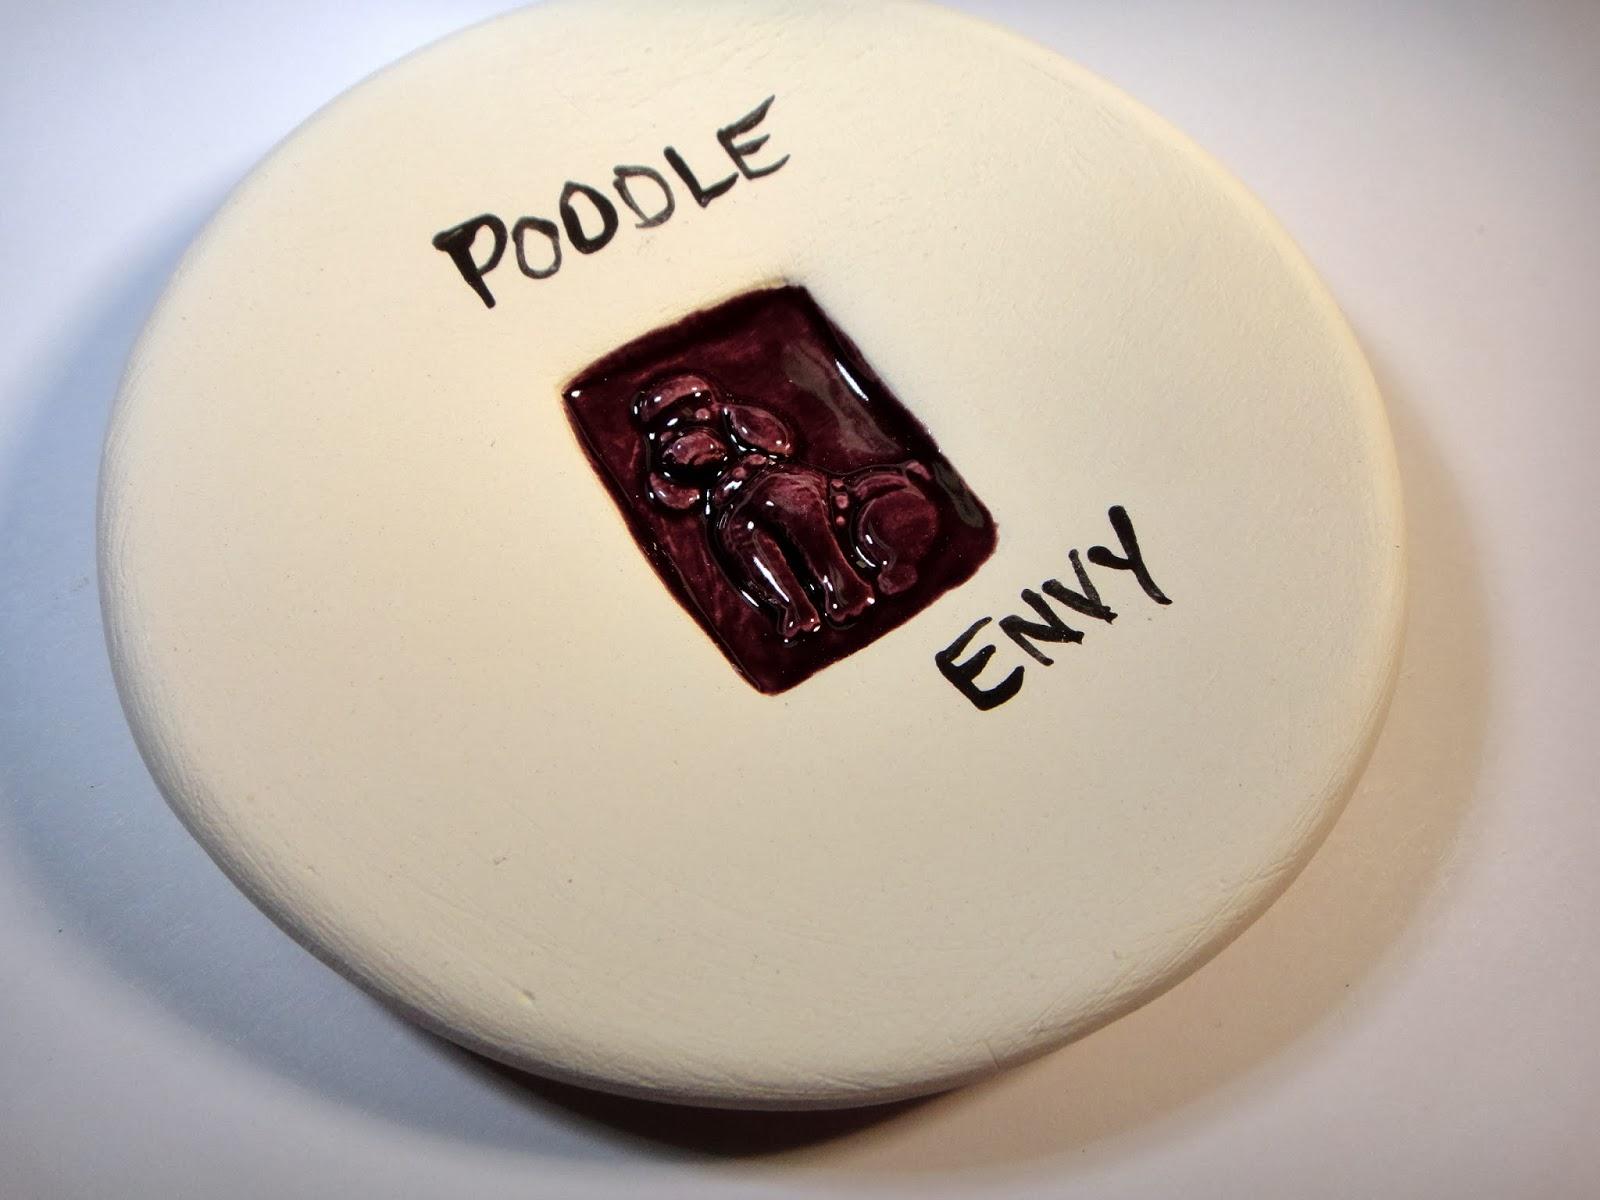 https://www.etsy.com/listing/179337281/breeders-poodle-envy-stamped-dish-dog?ref=listing-shop-header-0